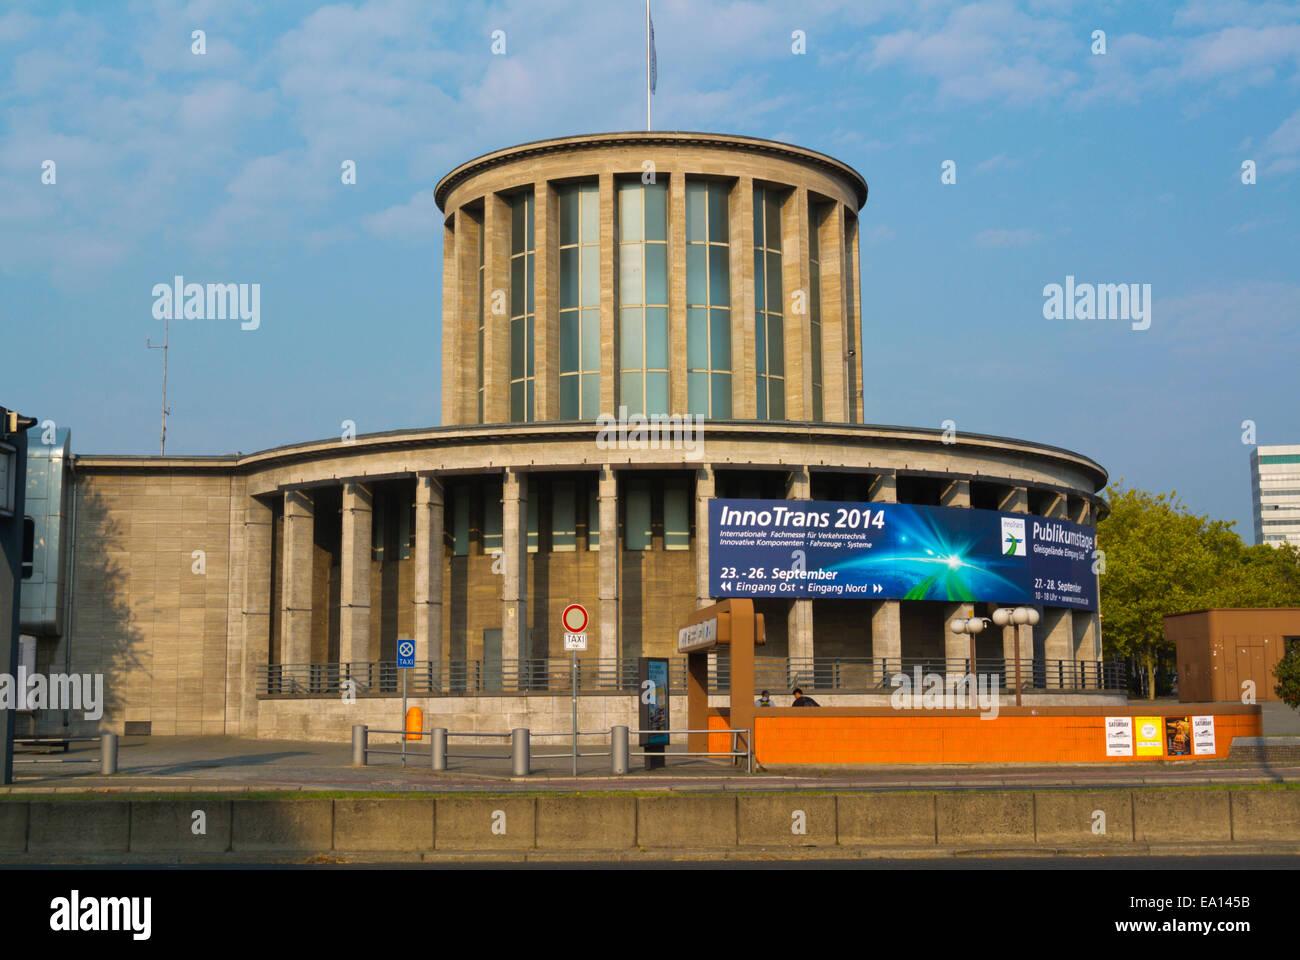 Pavilion sotto Funkturm tower, Messe, del commercio equo e solidale, motivi, Charlottenburg, Berlino ovest, Germania Immagini Stock